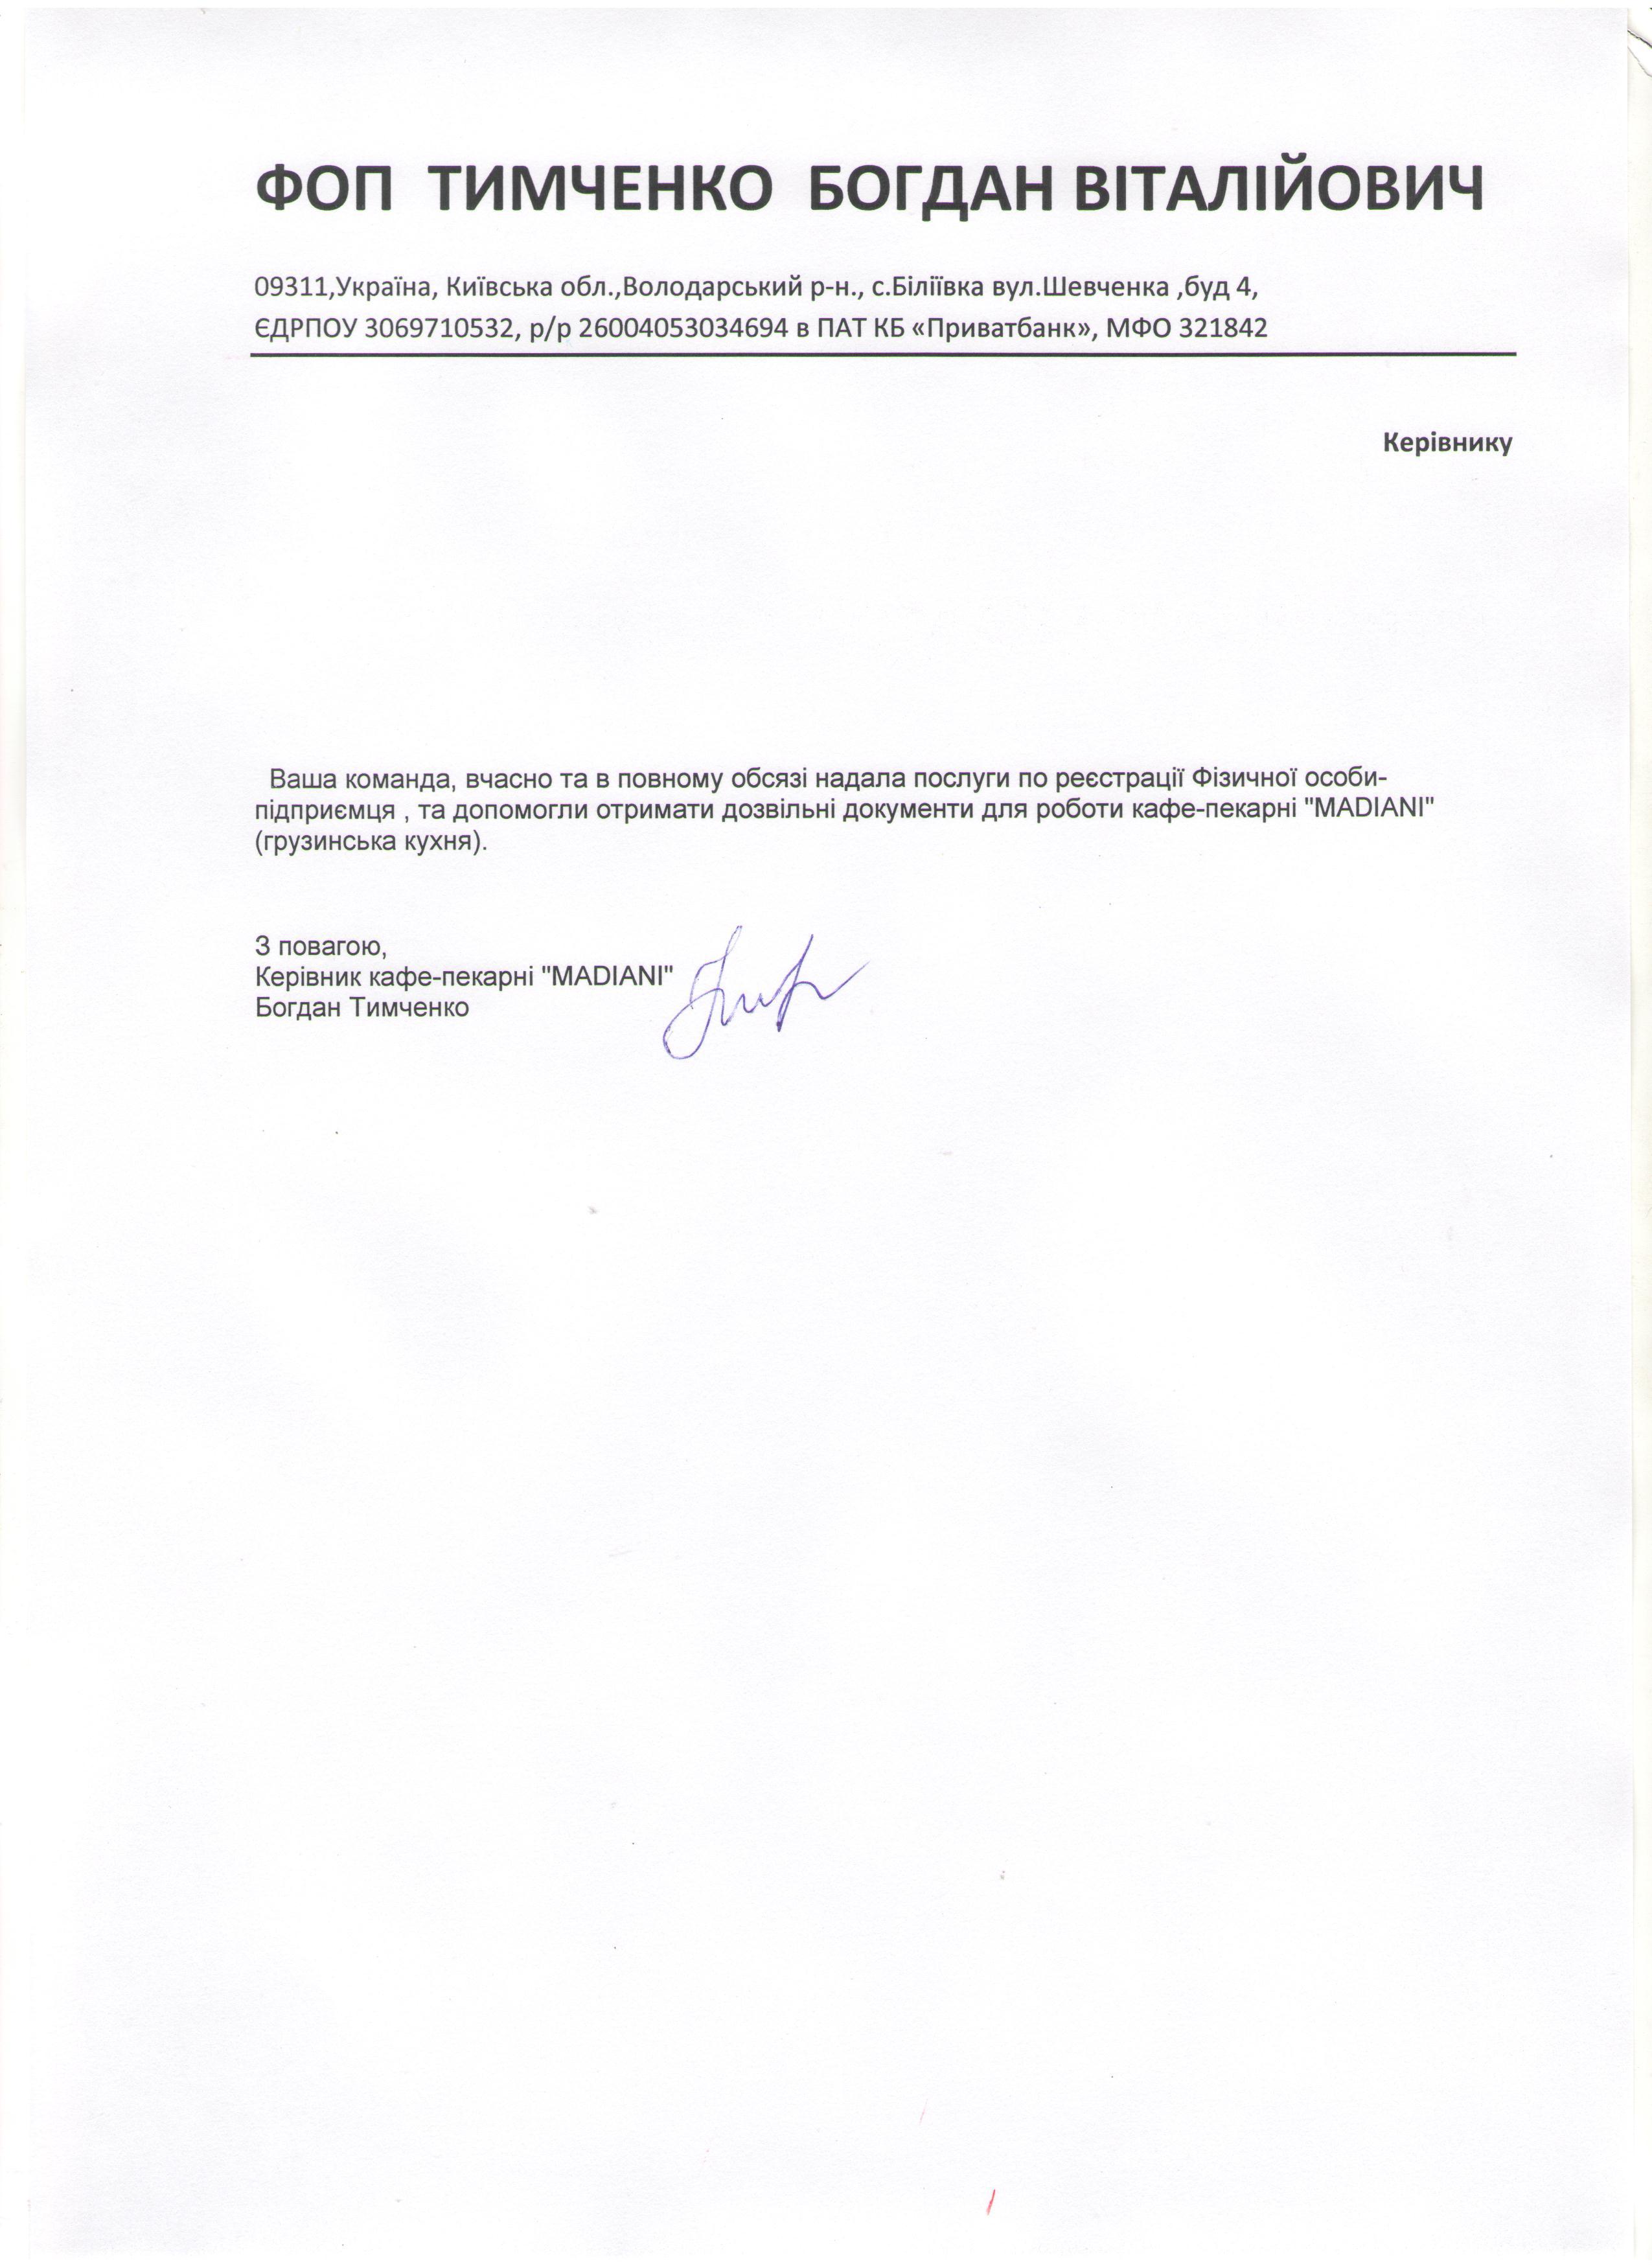 Фото Бухгалтерское обслуживание и сопровождение компаний в Украине.  3